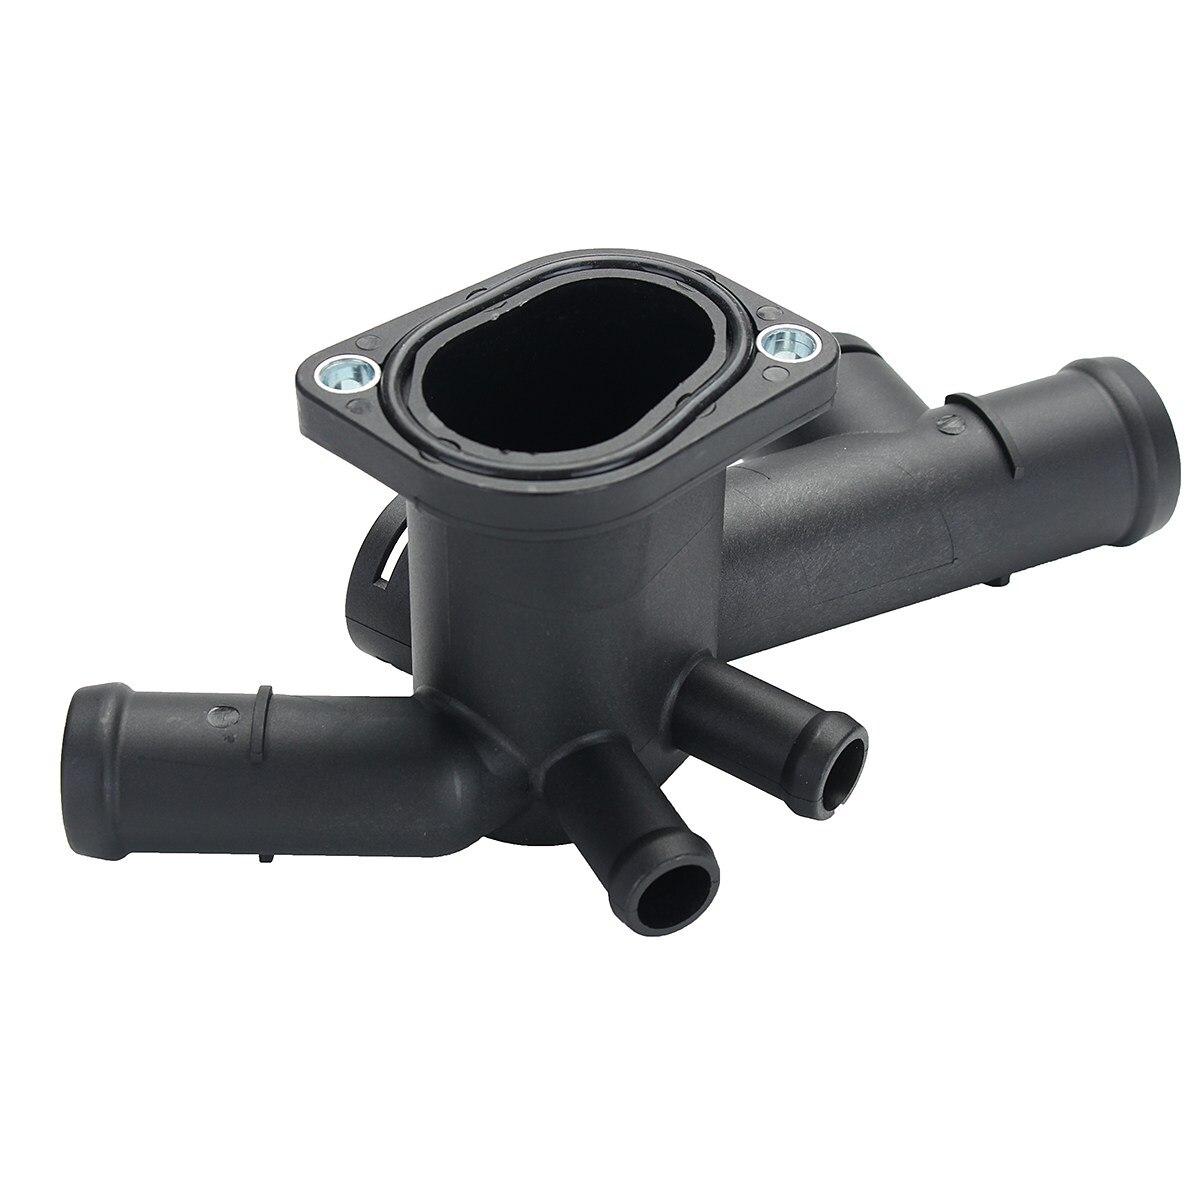 Water Coolant Hose Flange Coupler Outlet Neck Fit For VW Beetle 2.0L 1998-2005 цены